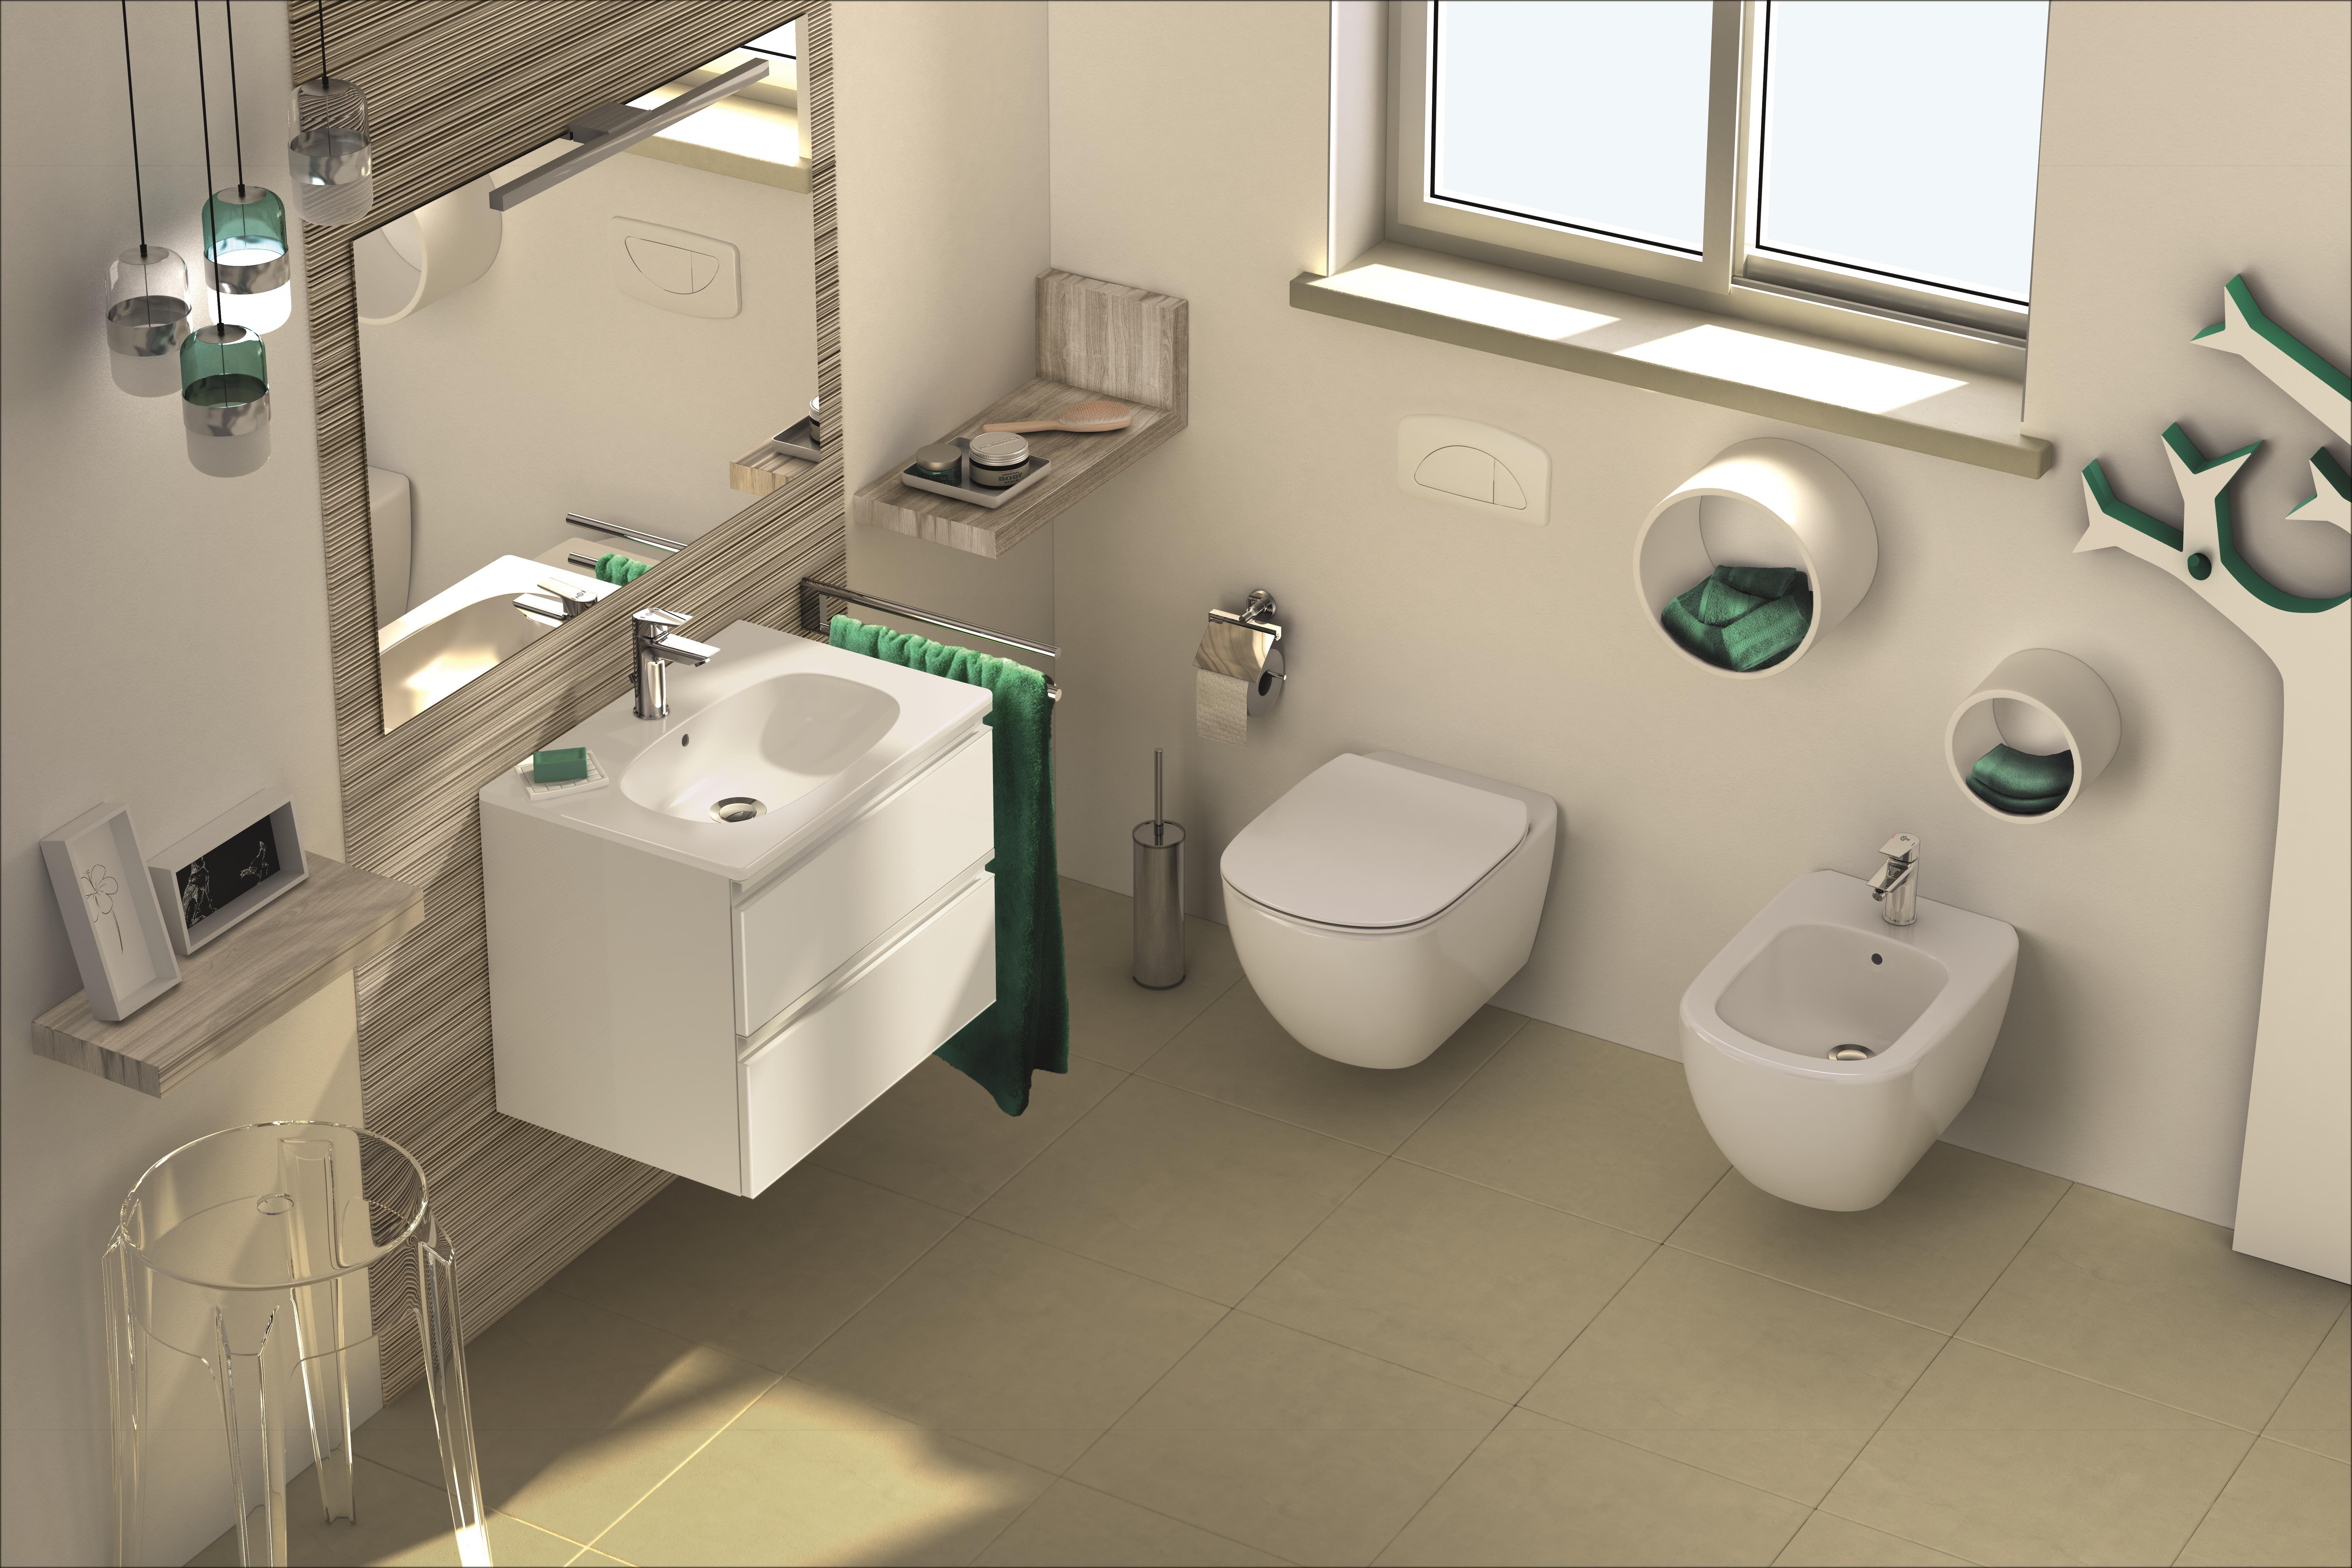 Idėja Kaip Tinkamai Isnaudoti Didele Erdve Kuri Neatrodytų Per Daug Apkrauta Unideco Jaukurai Vonioskamb Bathroom Sanitary Contemporary Bathrooms Bathroom